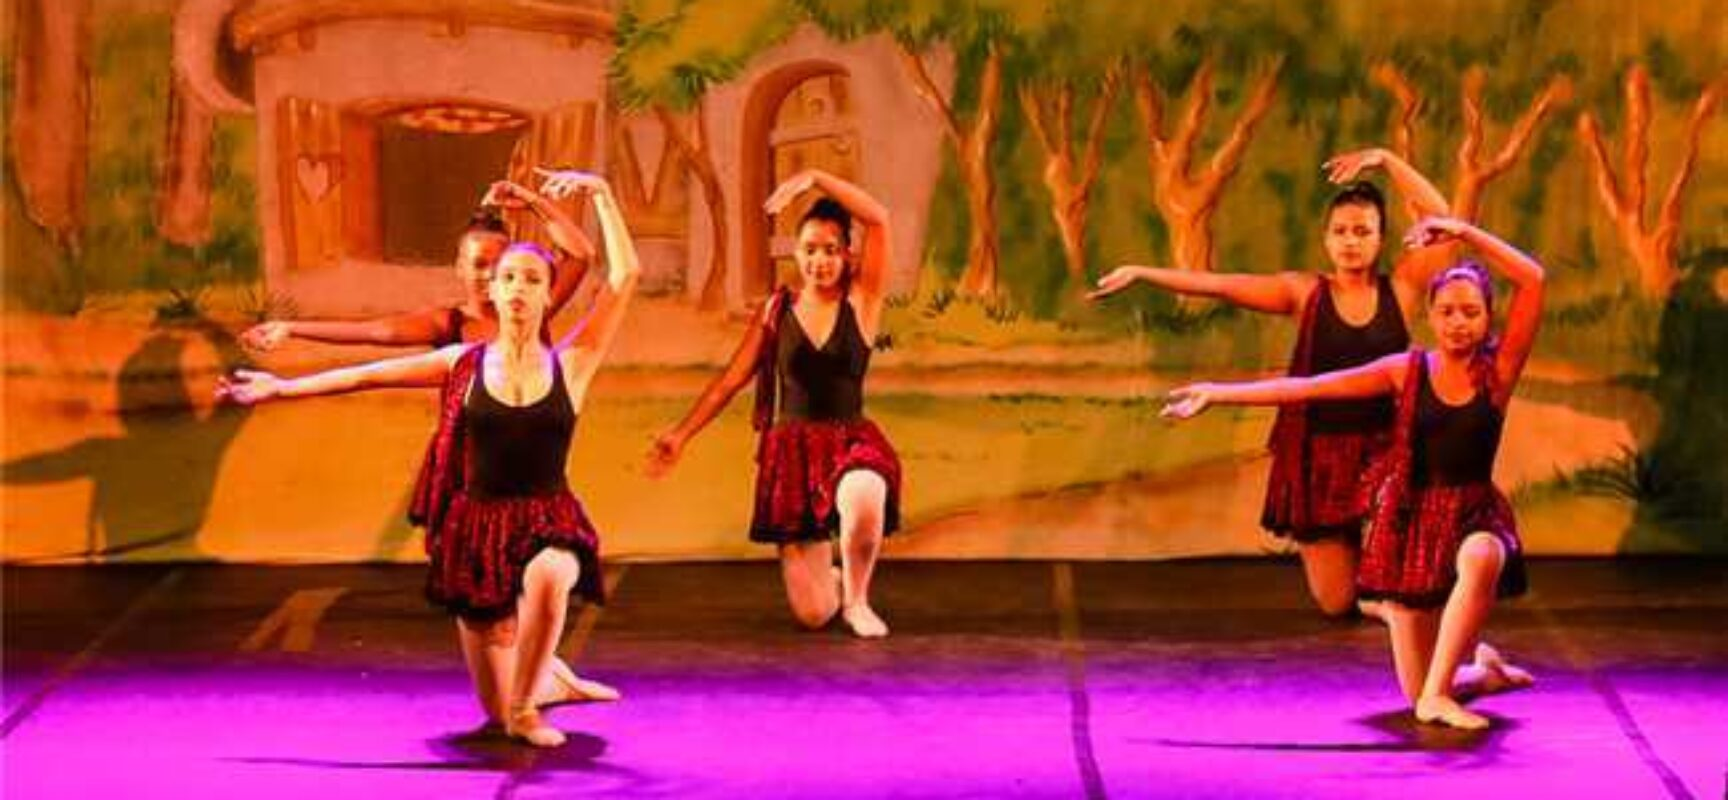 Prefeitura de Ilhéus abre cadastro para profissionais da dança